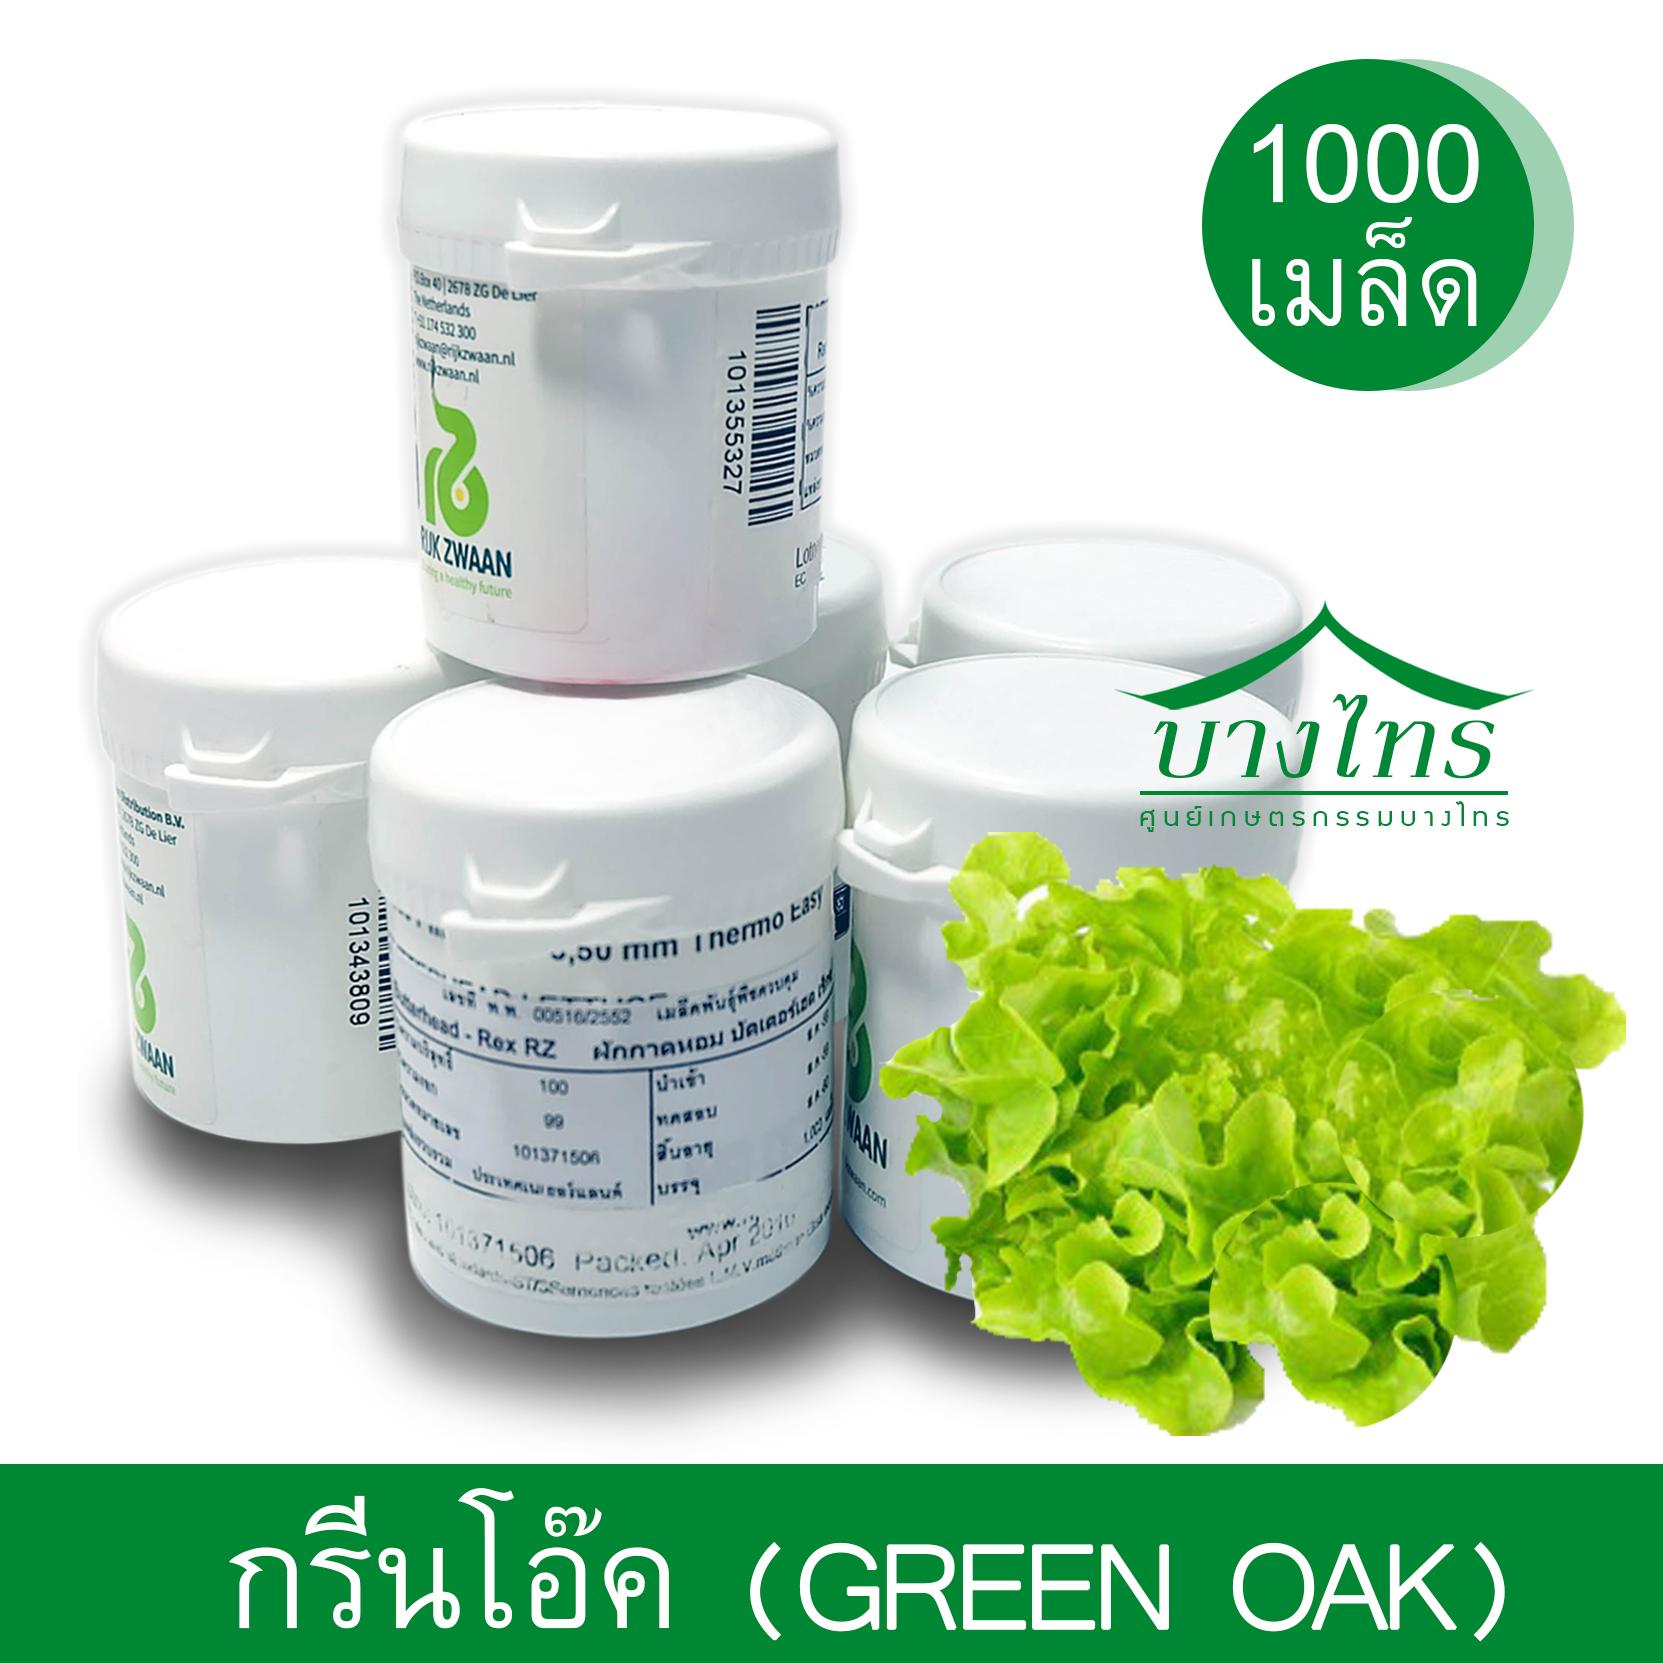 เมล็ดพันธุ์กรีนโอ๊ค / Green Oak ชนิดเคลือบ อัตราการงอก 99%